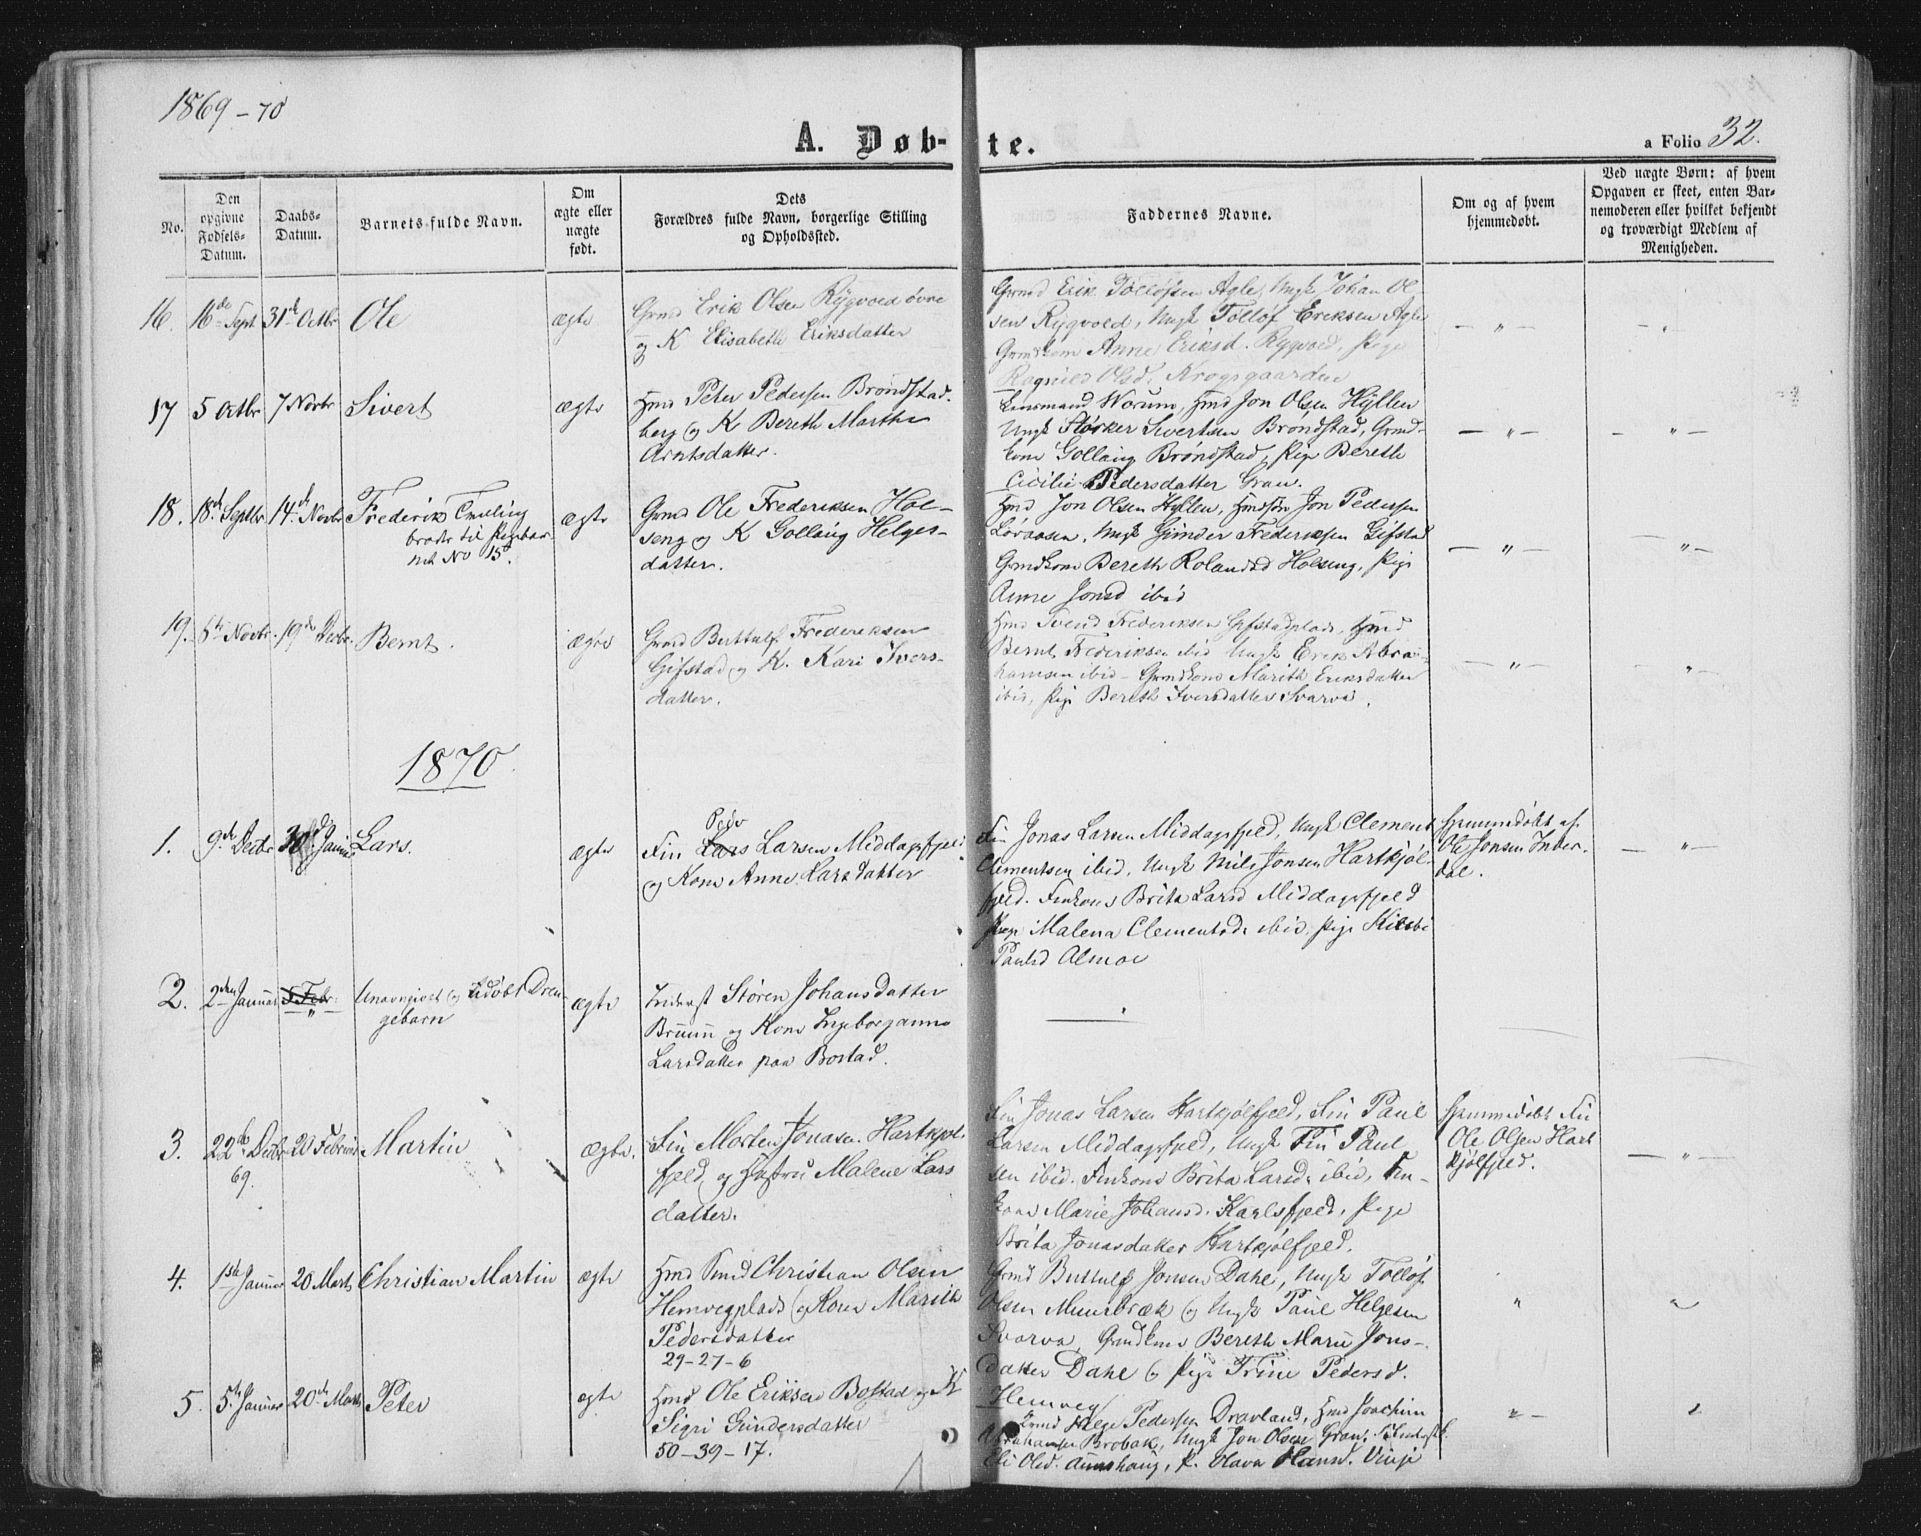 SAT, Ministerialprotokoller, klokkerbøker og fødselsregistre - Nord-Trøndelag, 749/L0472: Ministerialbok nr. 749A06, 1857-1873, s. 32